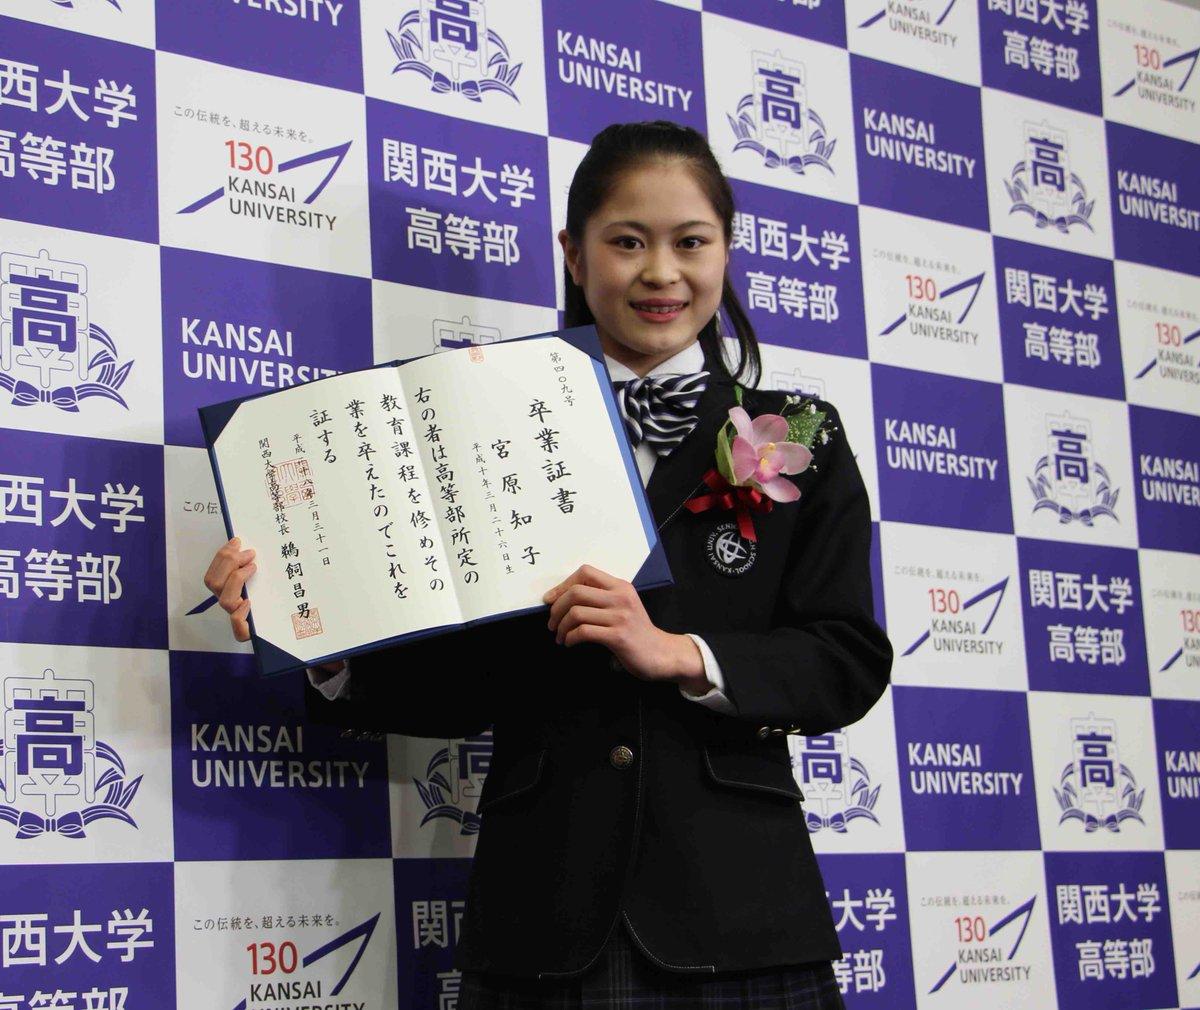 【フィギュア】関西大学高等部の卒業式に出席した宮原知子さんは、最後のホームルームで大号泣。「スケートばっかりで、クラスのことが何もできなくて…と言おうとして泣いちゃいました。自分でも何を言っているかわからなかった」 #kandai https://t.co/H81ZxdUAok